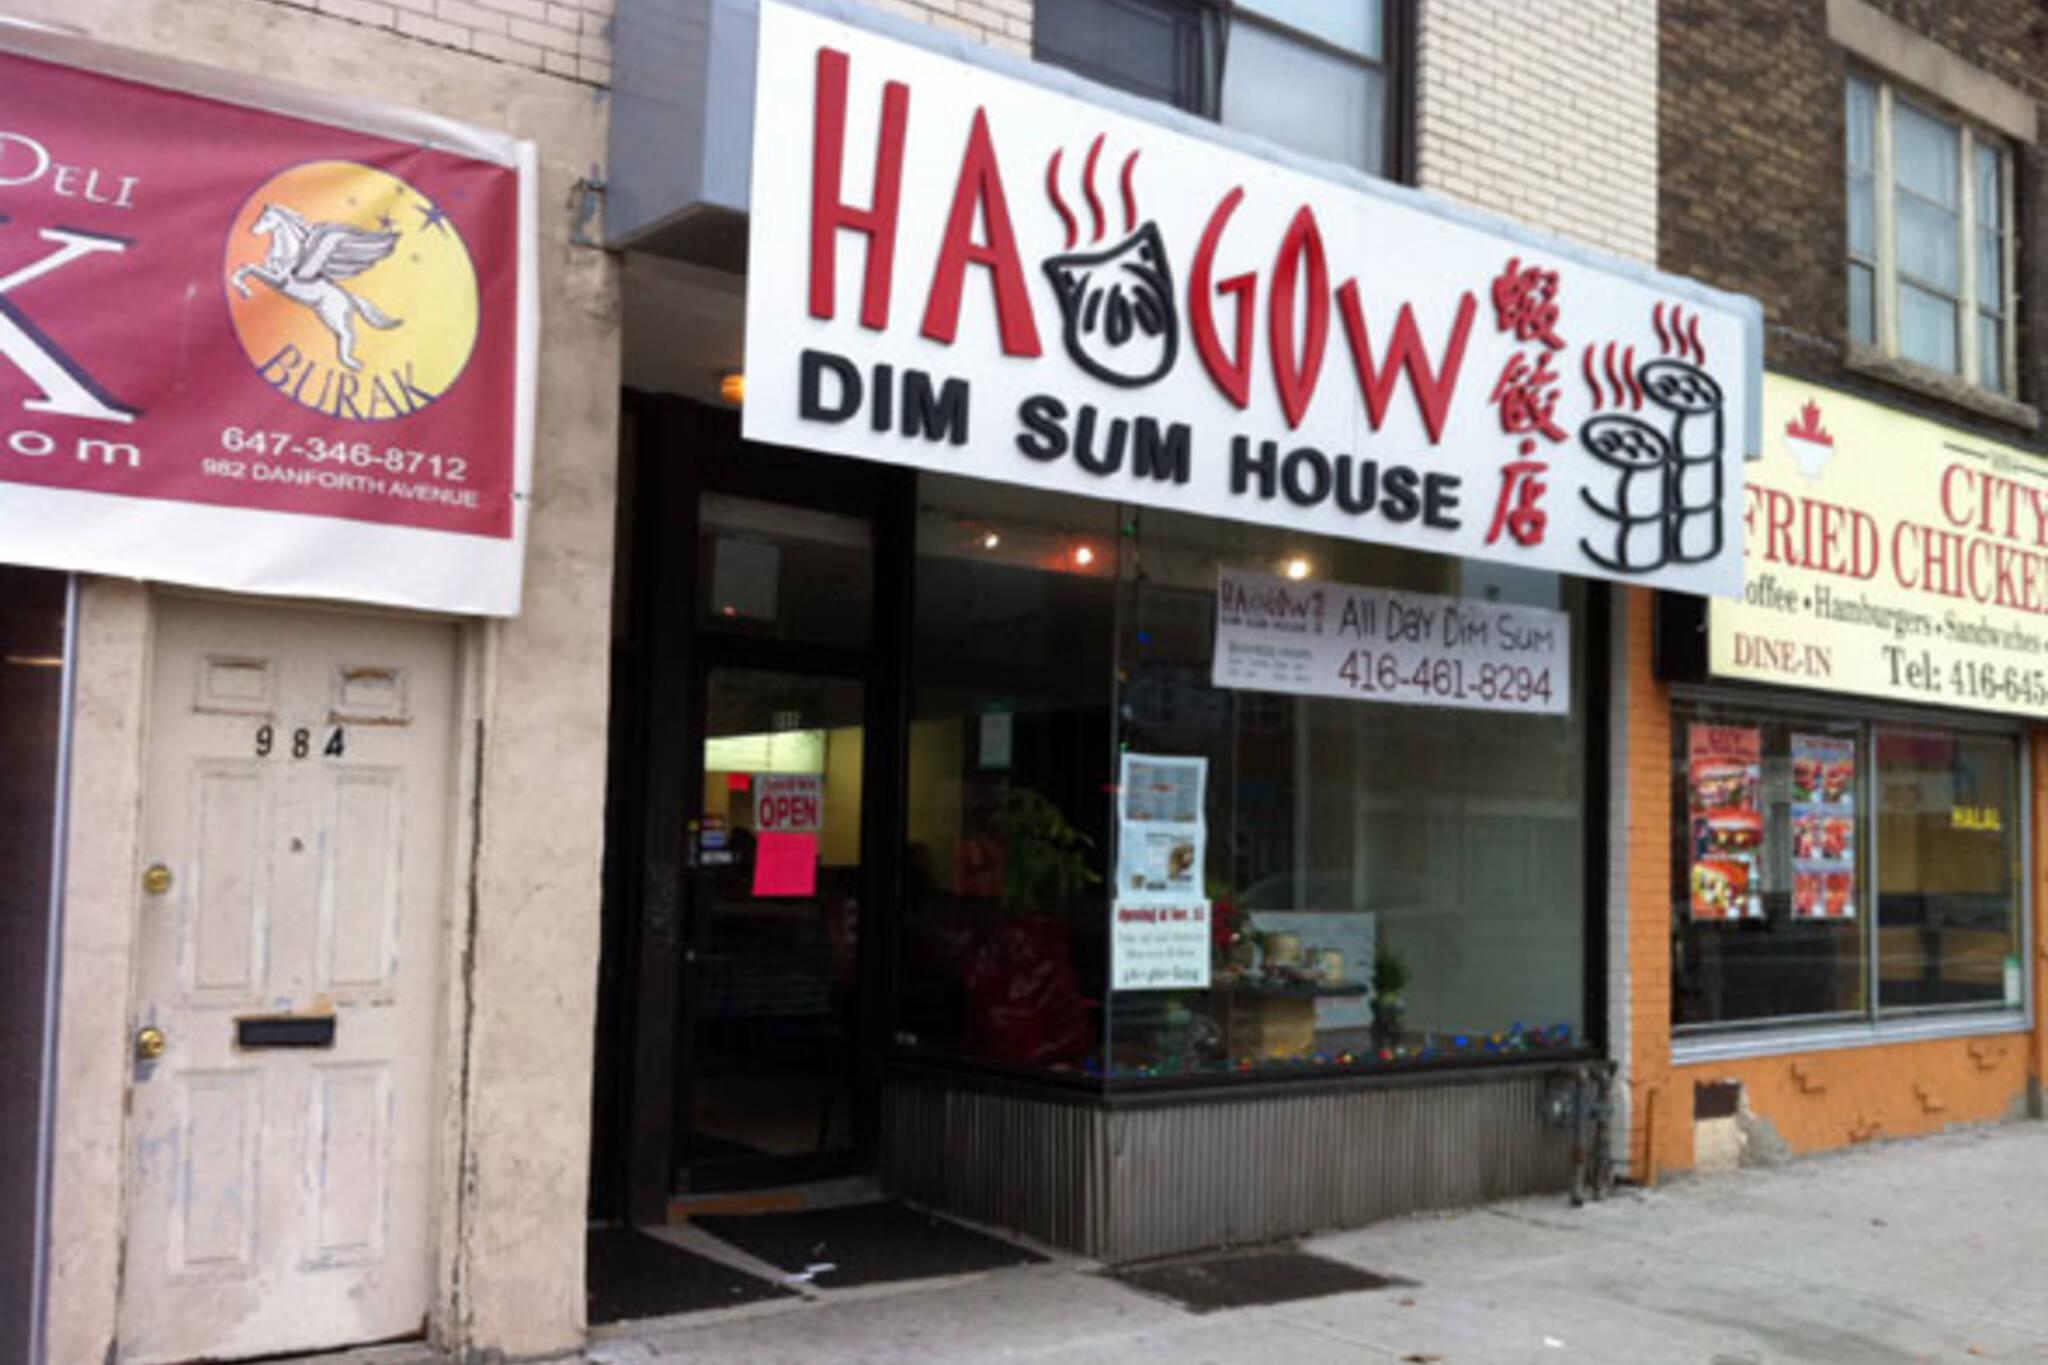 Ha Gow Dim Sum House